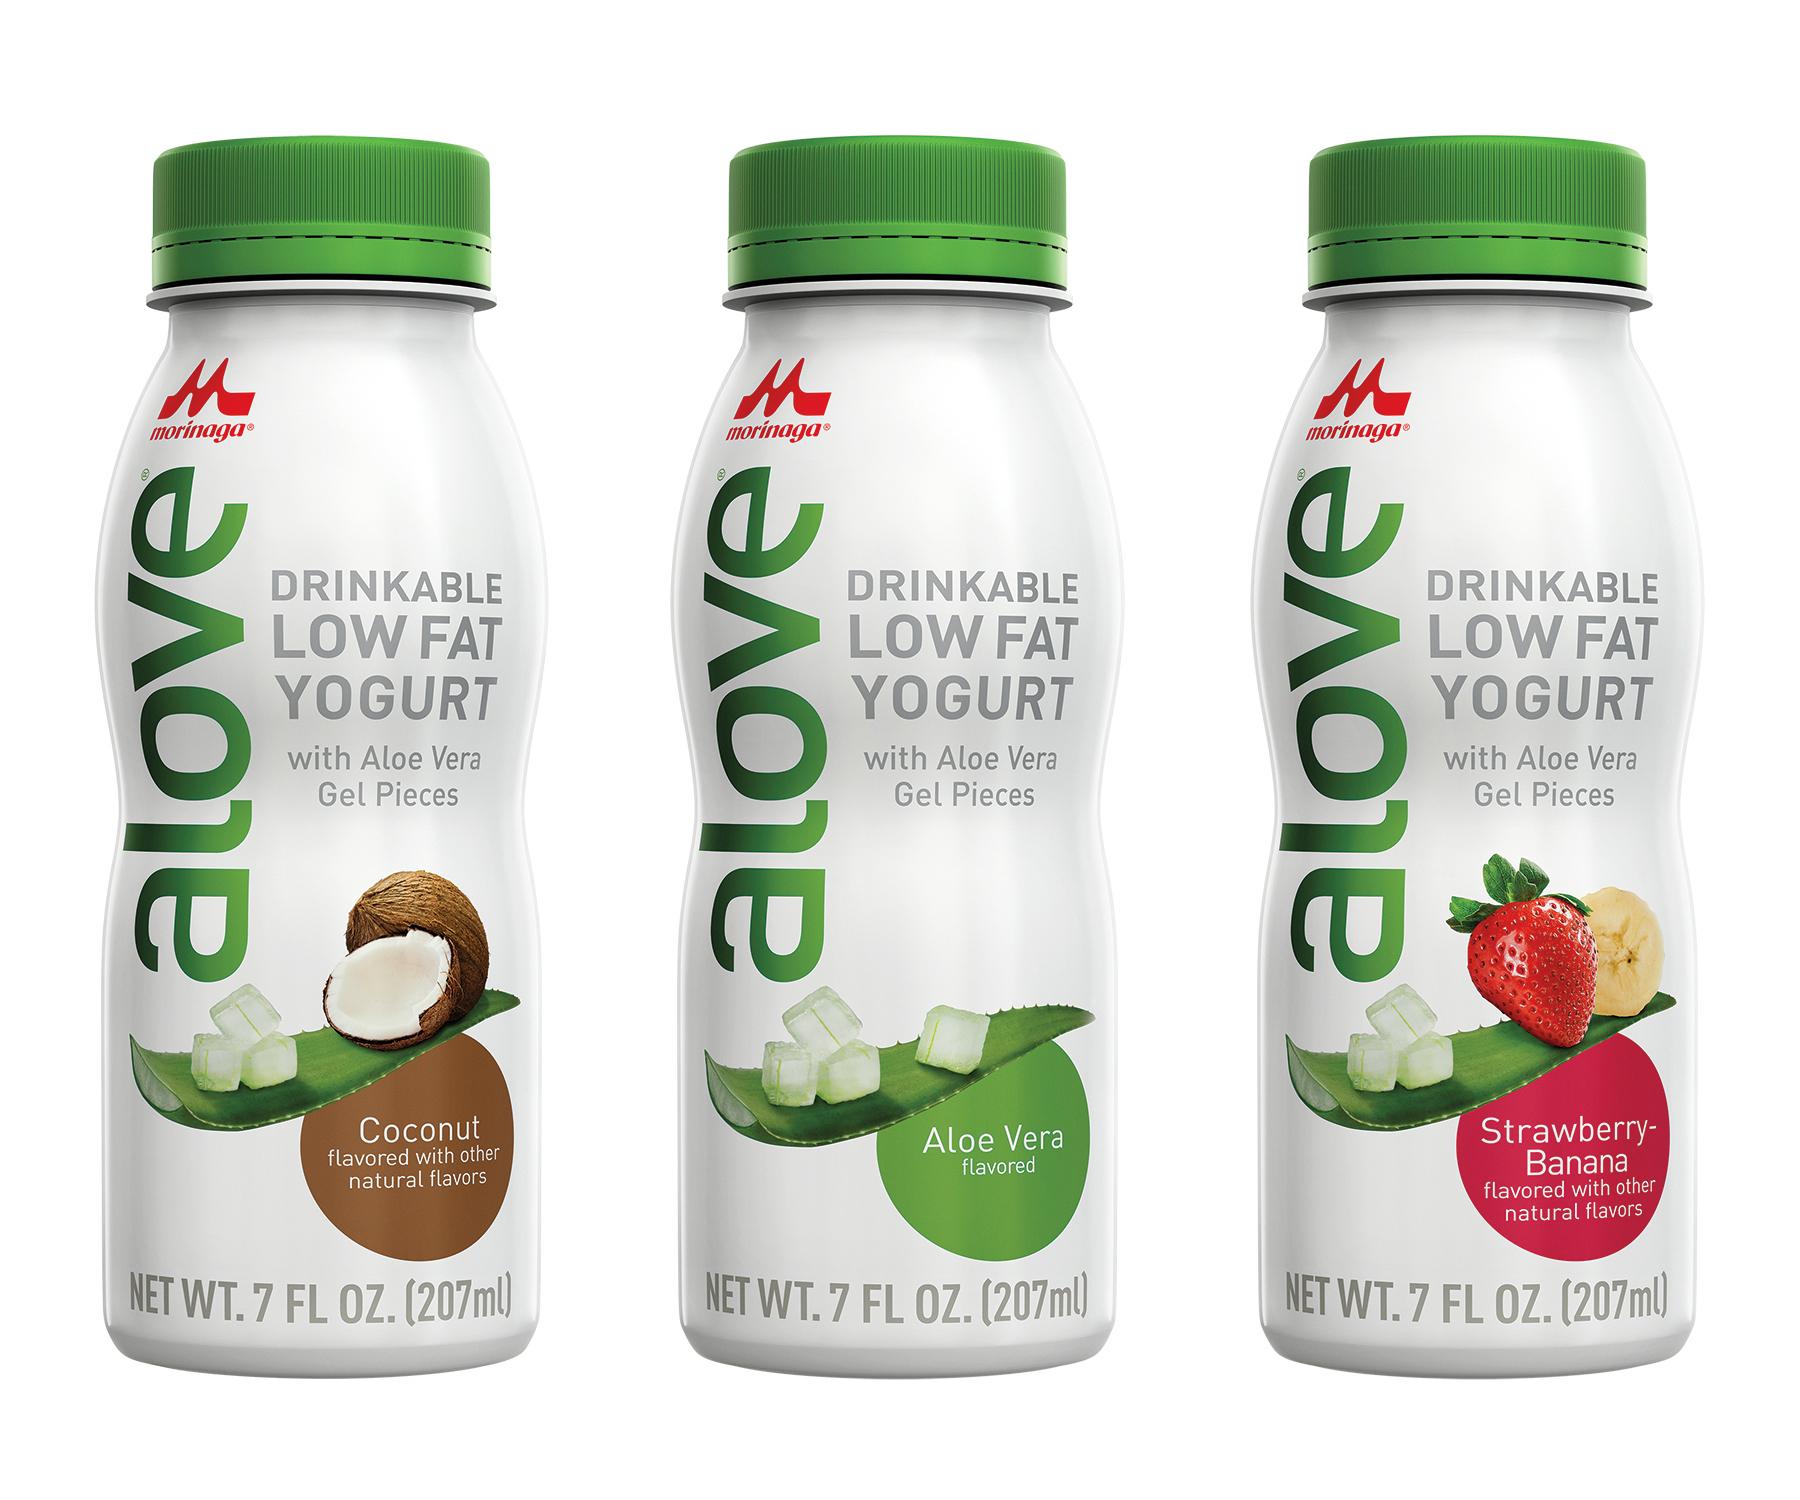 Alove to Debut Aloe Vera Drinkable Low-fat Yogurt at Natural ...